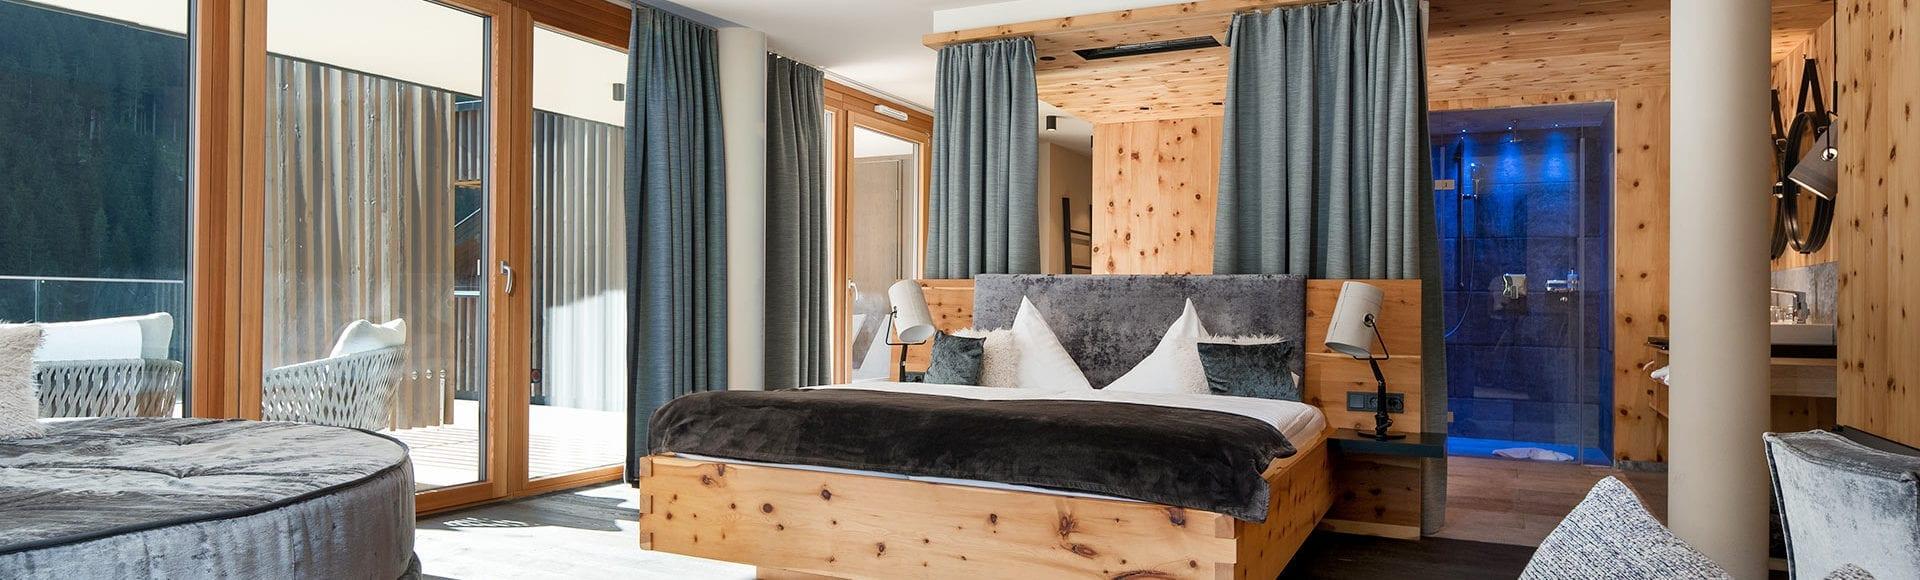 Traumhaft schöne Suiten und Zimmer in Obertauern, Untertauern